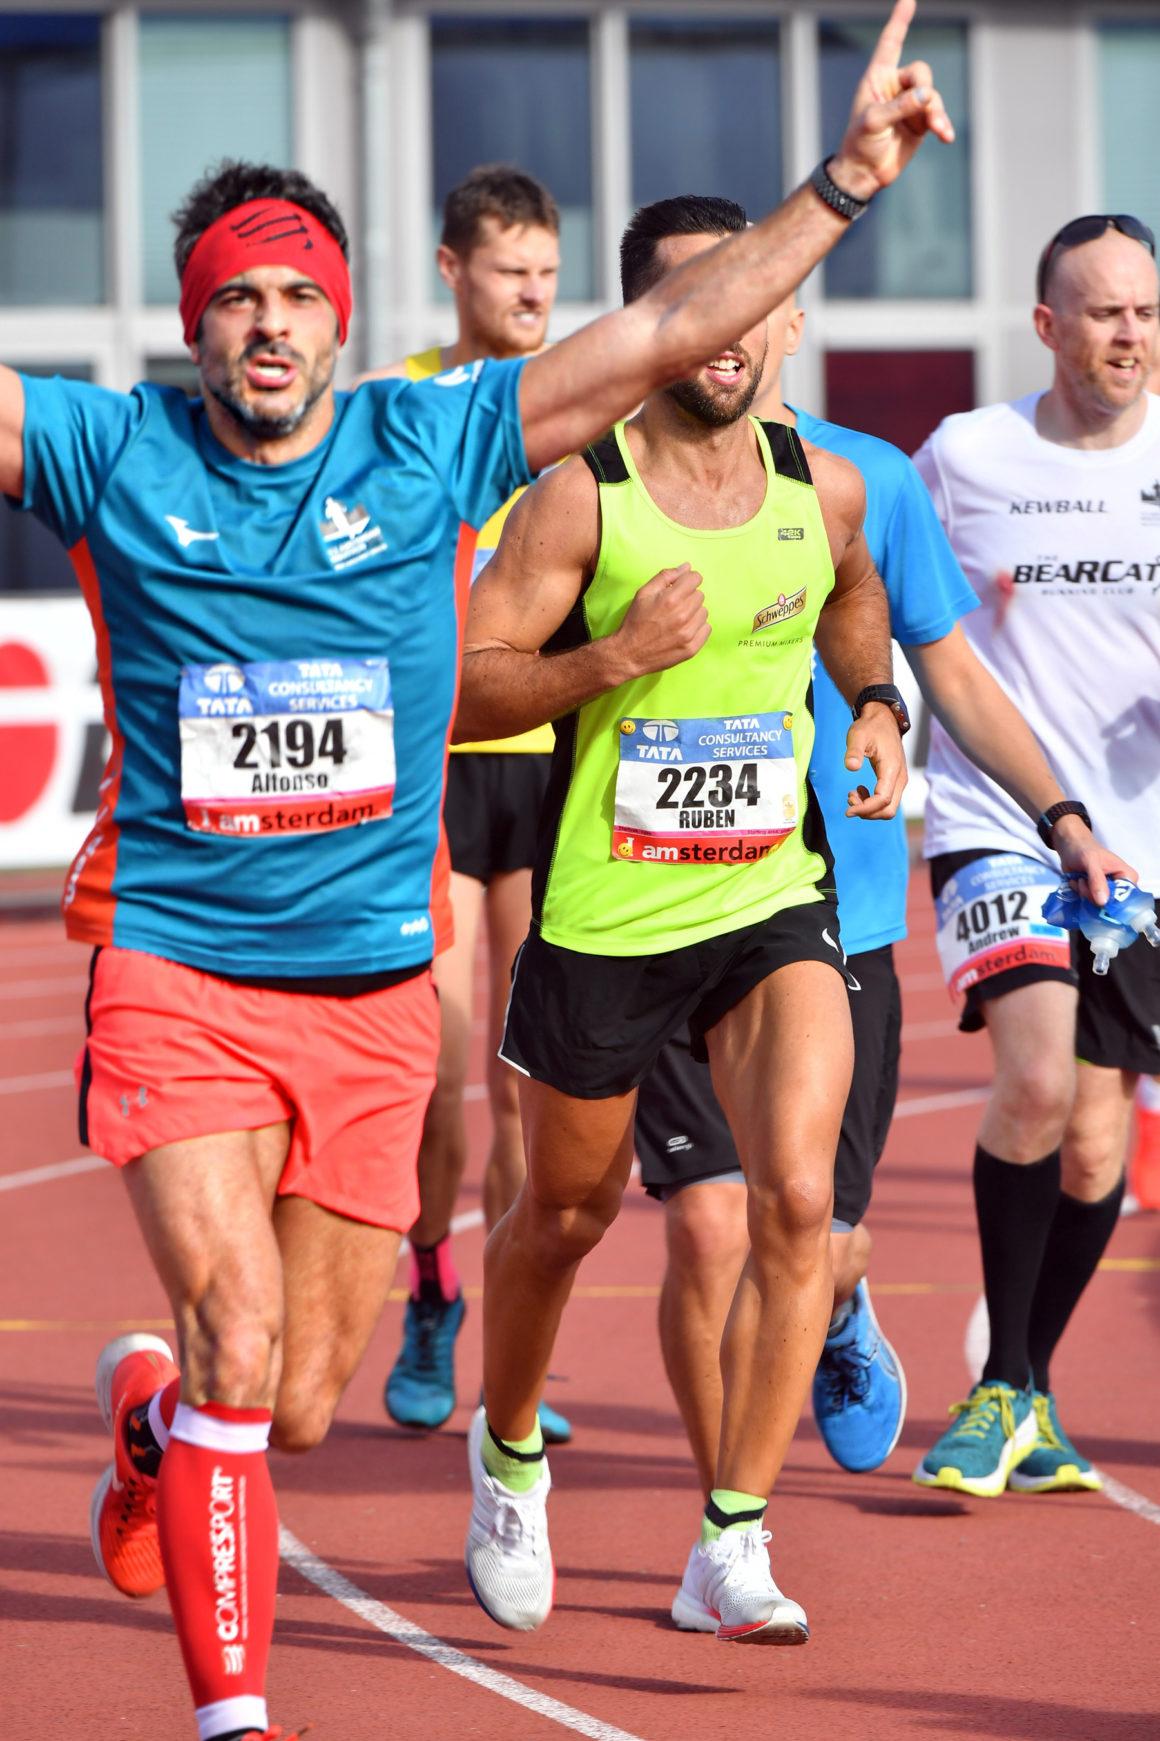 marathon maraton amsterdam maratón de amsterdam - marathon maraton amsterdam 09 1160x1741 - Correr el Maratón de Amsterdam: análisis, recorrido, entrenamiento y recomendaciones de viaje